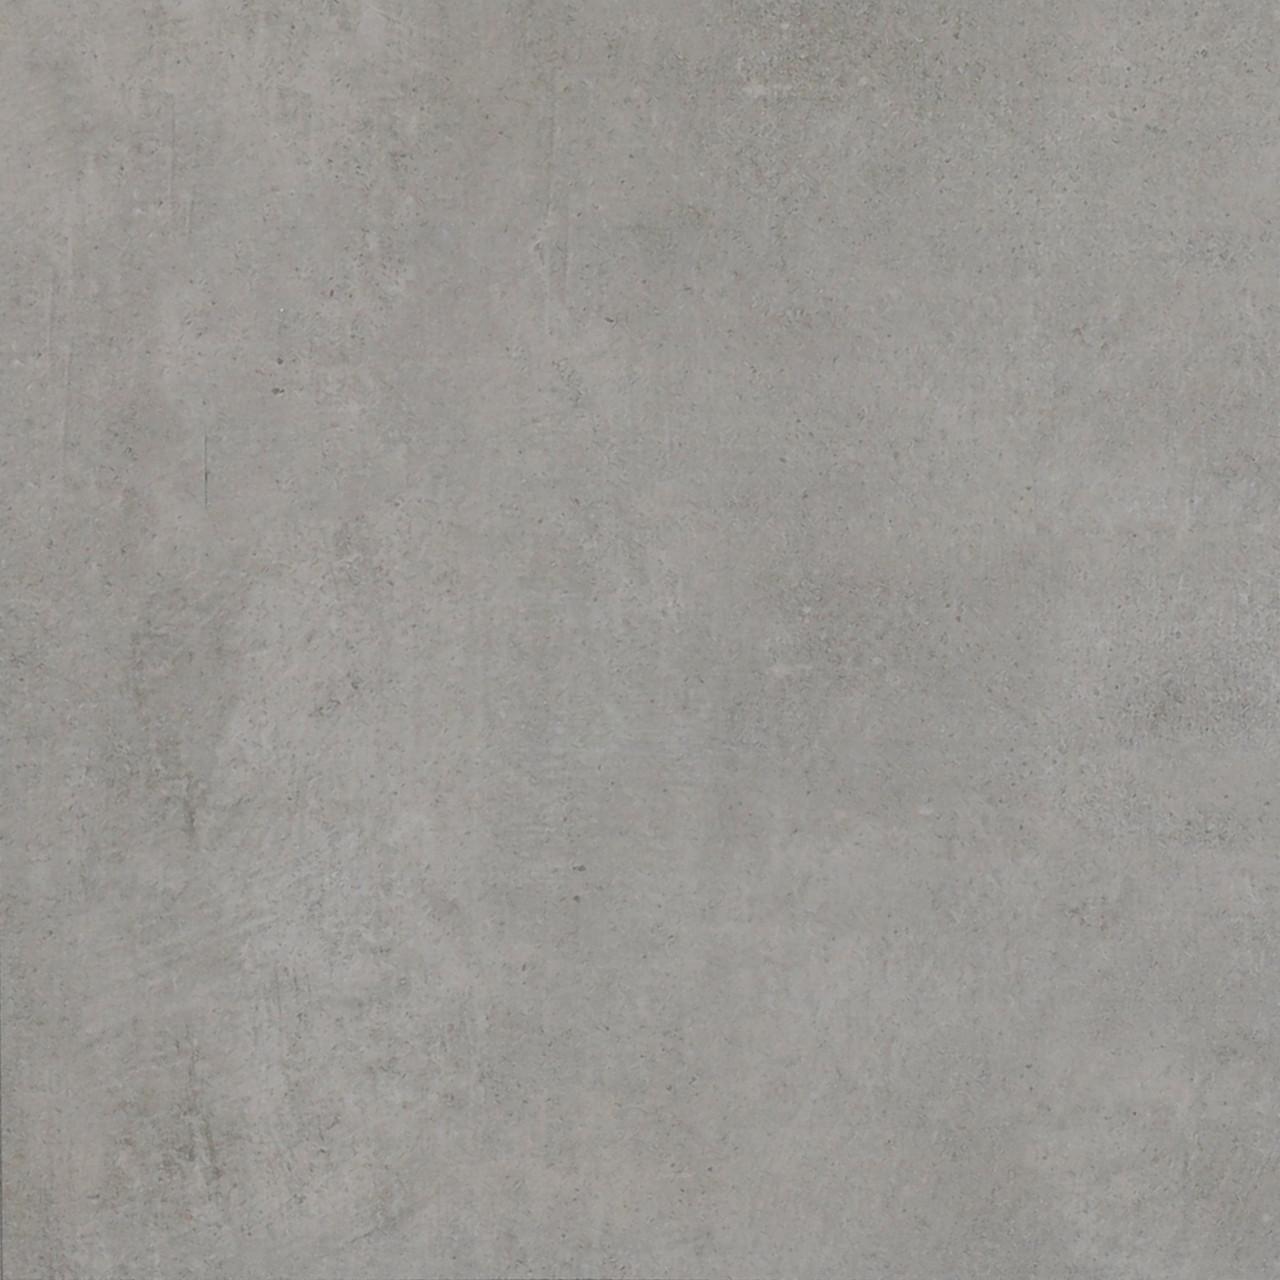 Плитка для пола ректифицированная R Bakkara GR 600x600 /4 P